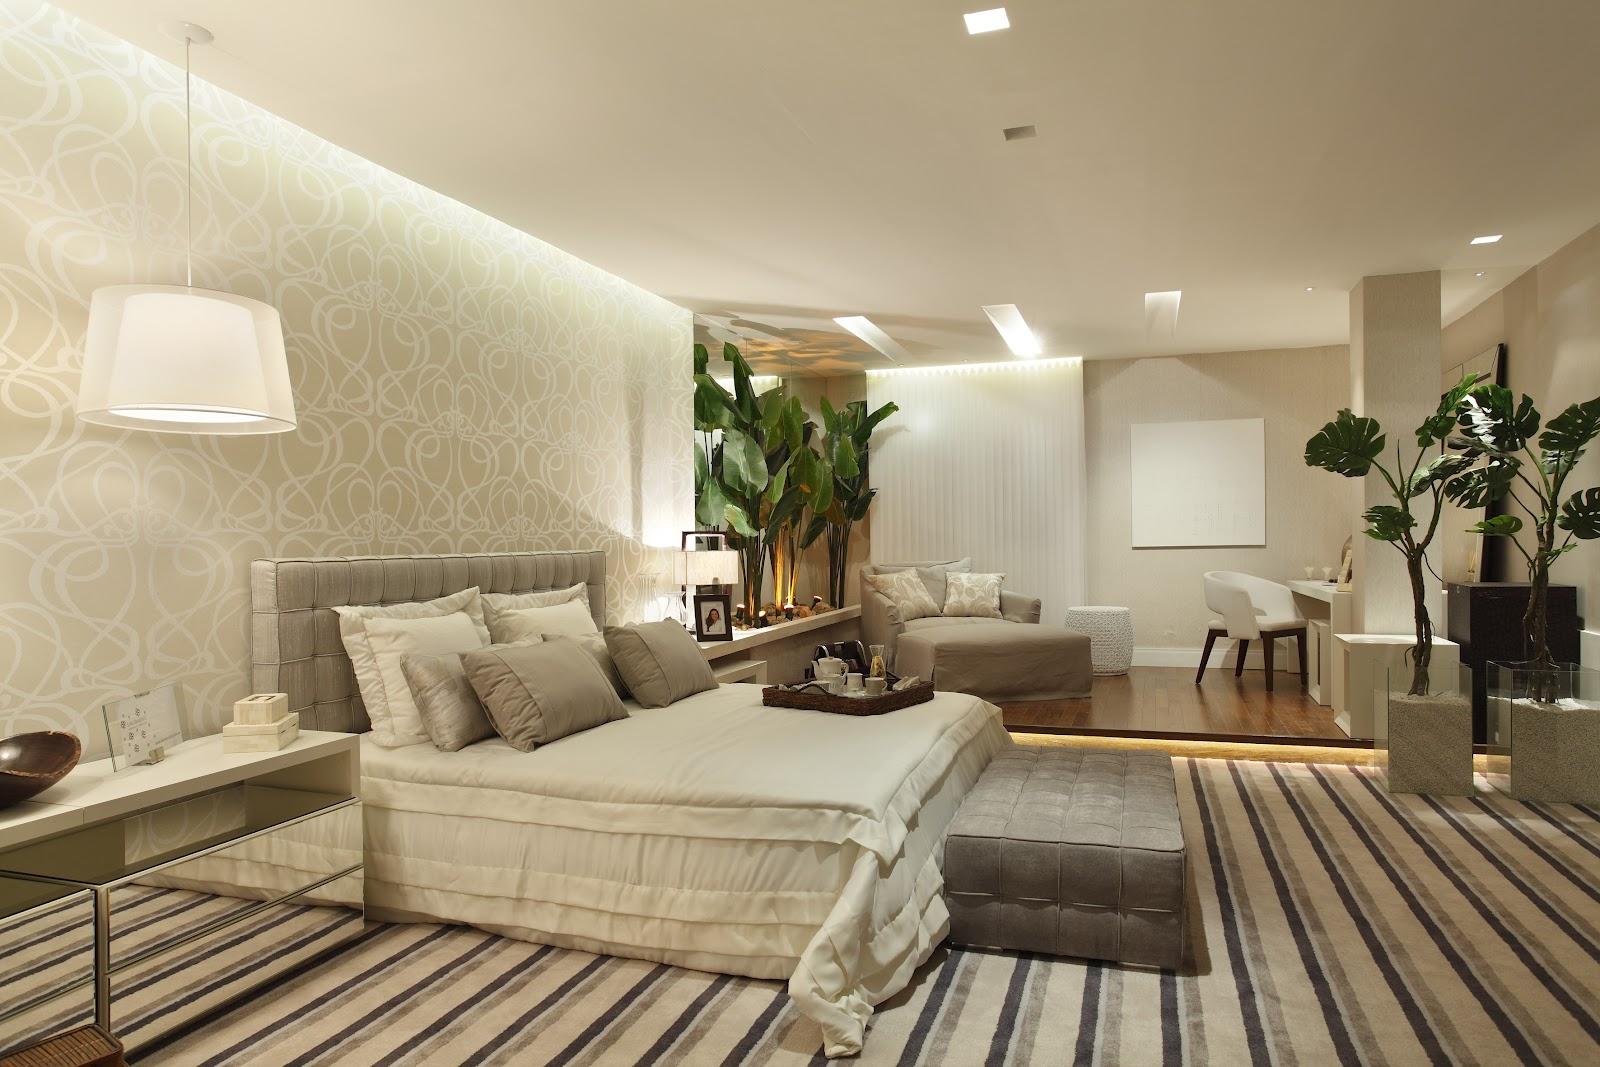 papel de parede decoracao de interiores:+de+casal,+iluminacao+indireta,+detalhe+de+gesso,+papel+de+parede